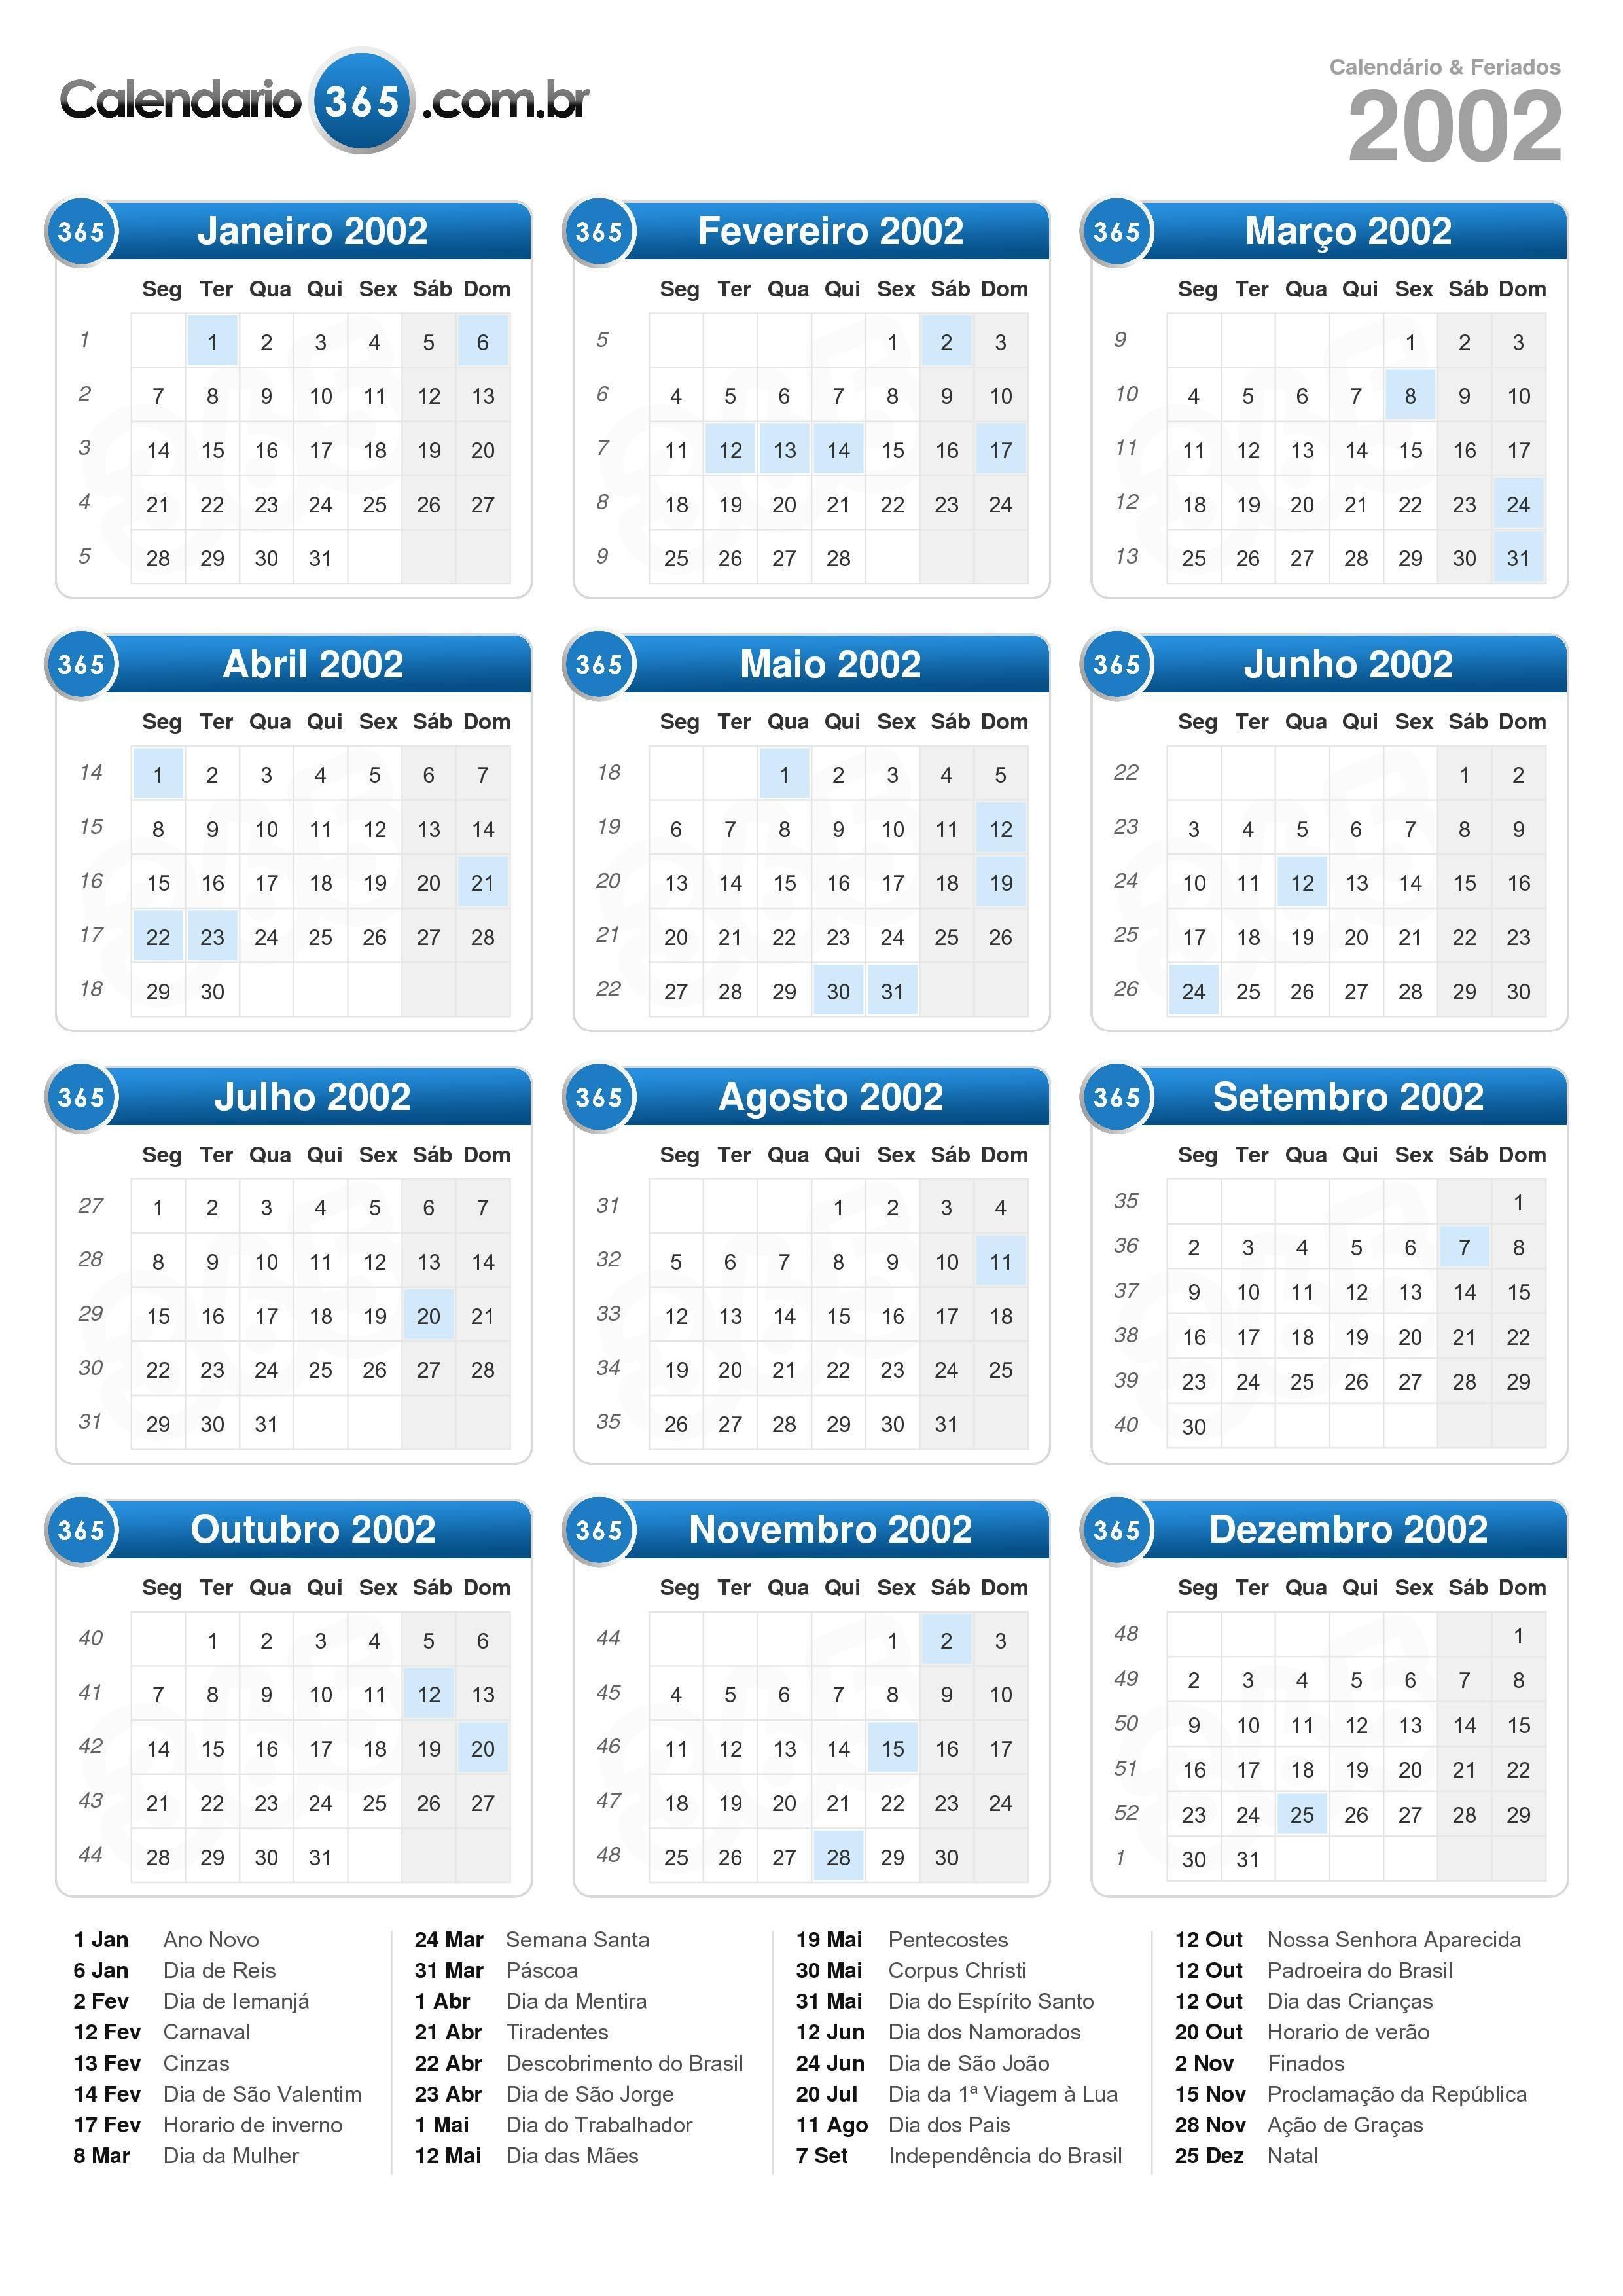 Calendário 2002 formato de retrato